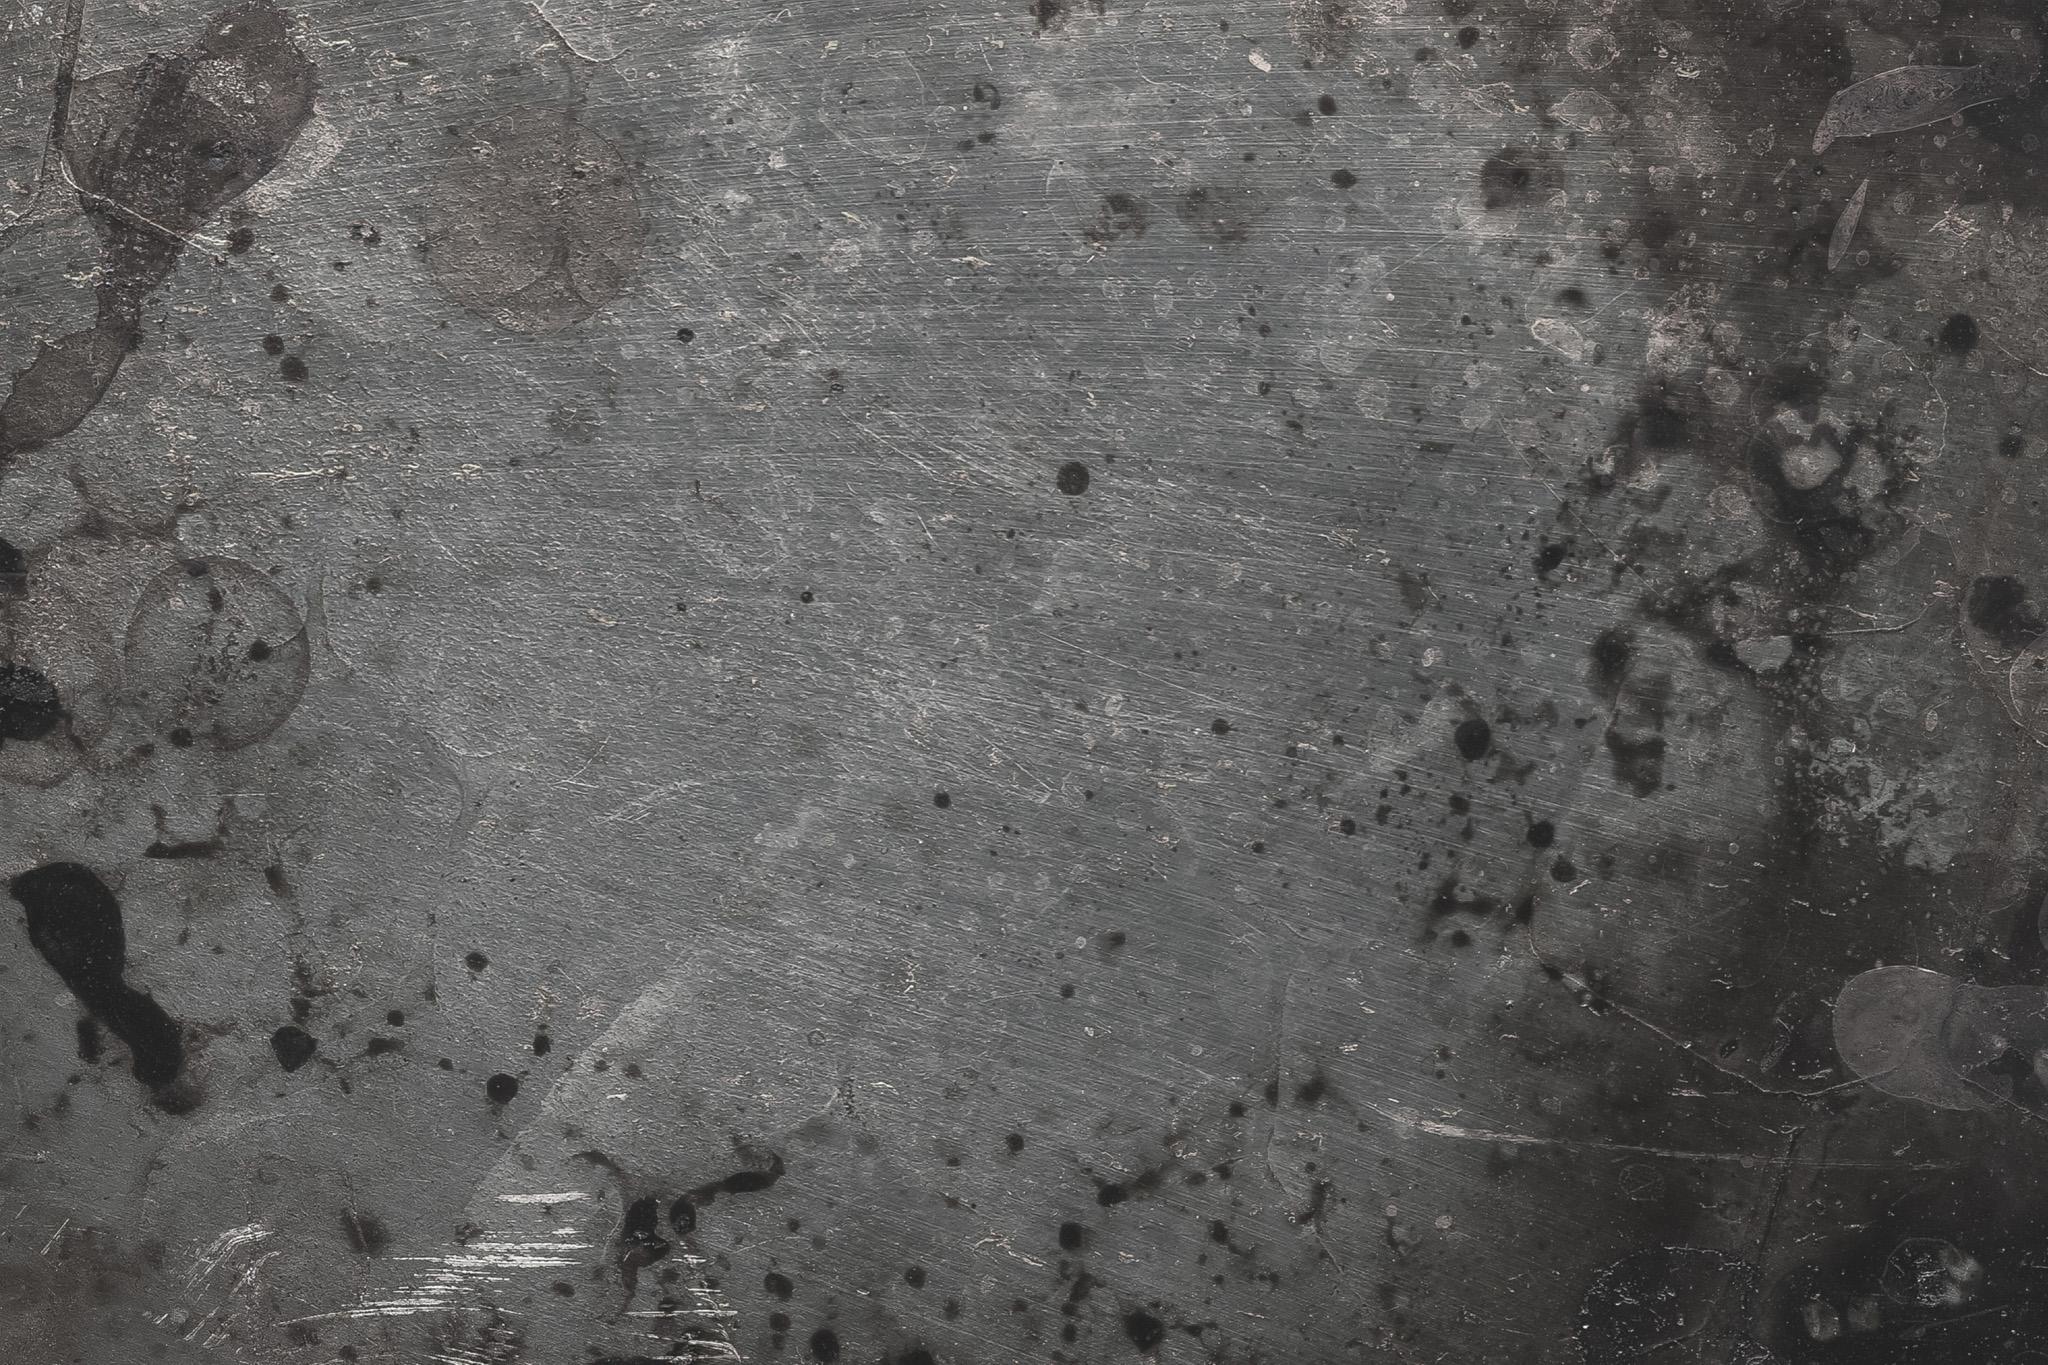 腐食した汚れがあるハードなイメージ背景